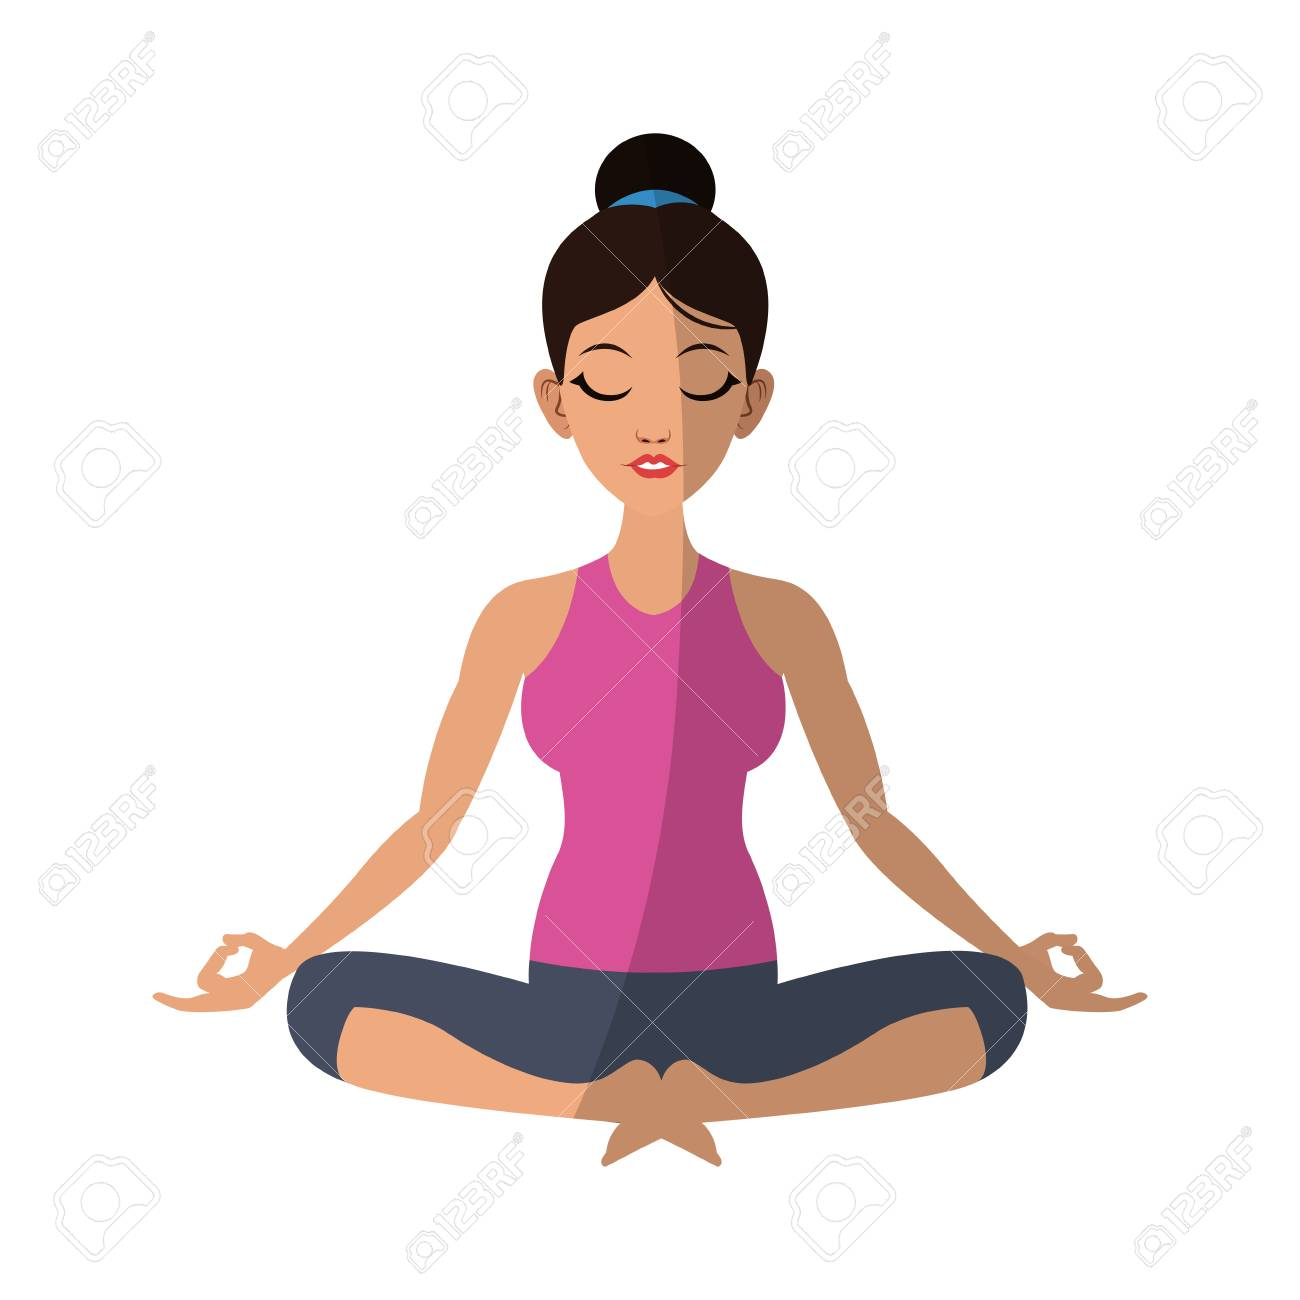 Girl Doing Yoga With Kapalabhati Pranayama Pose Cartoon Icon Over White Background Colorful Design